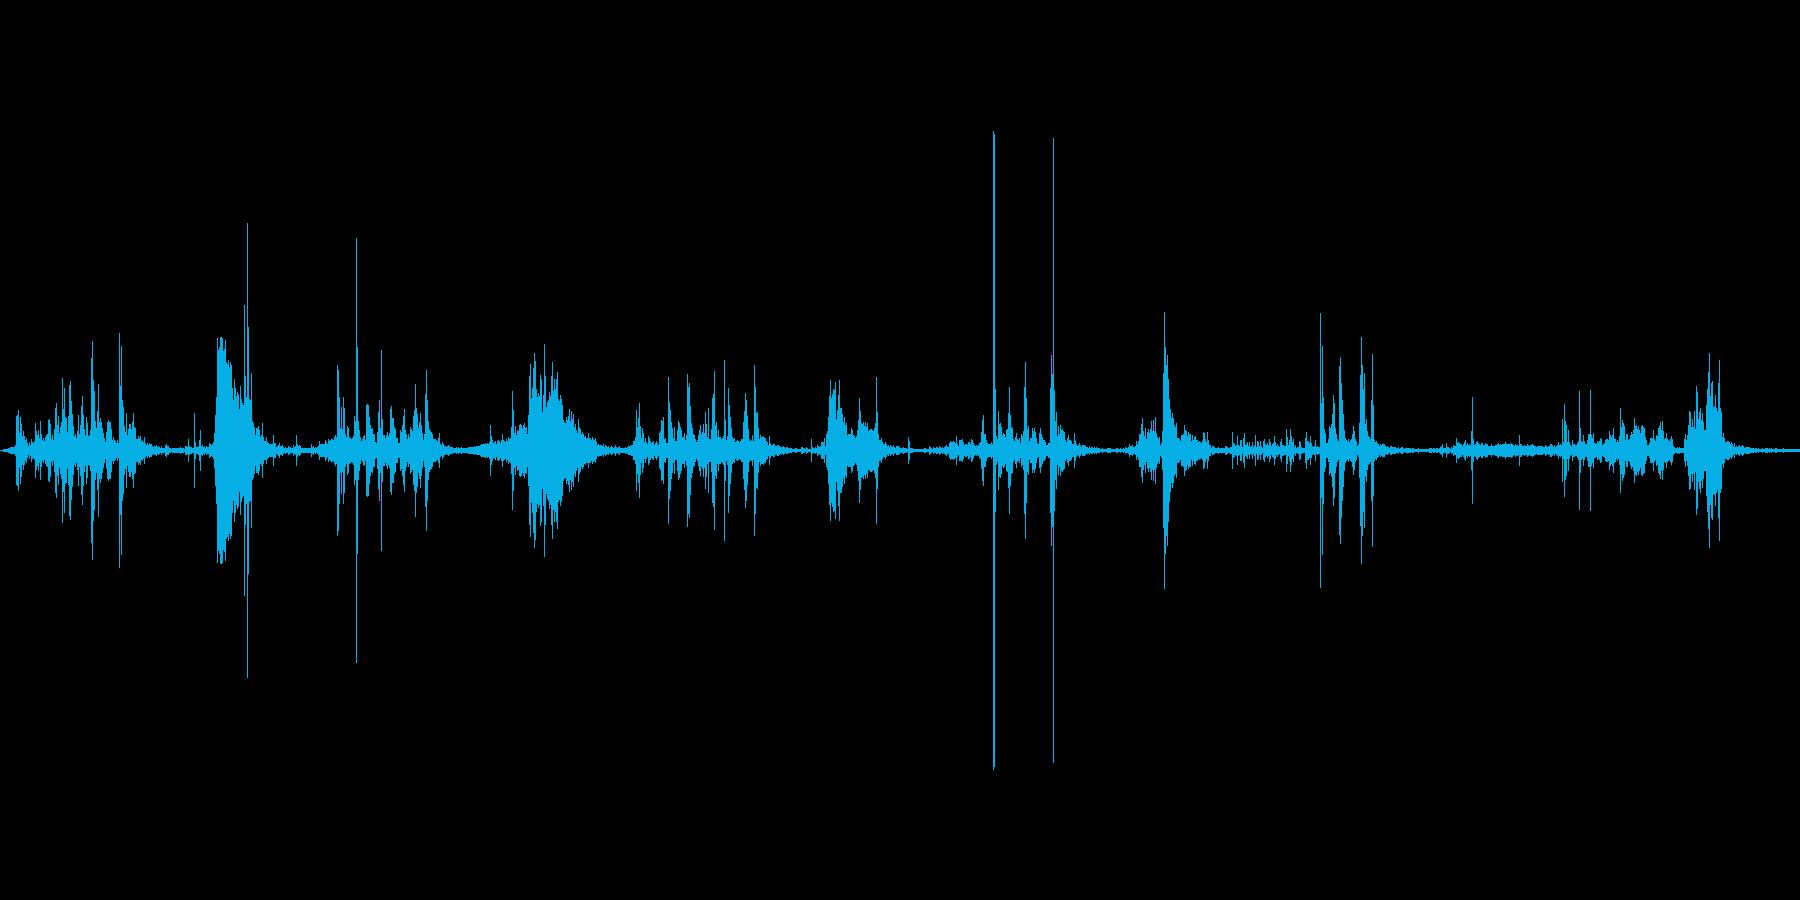 ダンボールをハサミで切る音。ザクザクの再生済みの波形